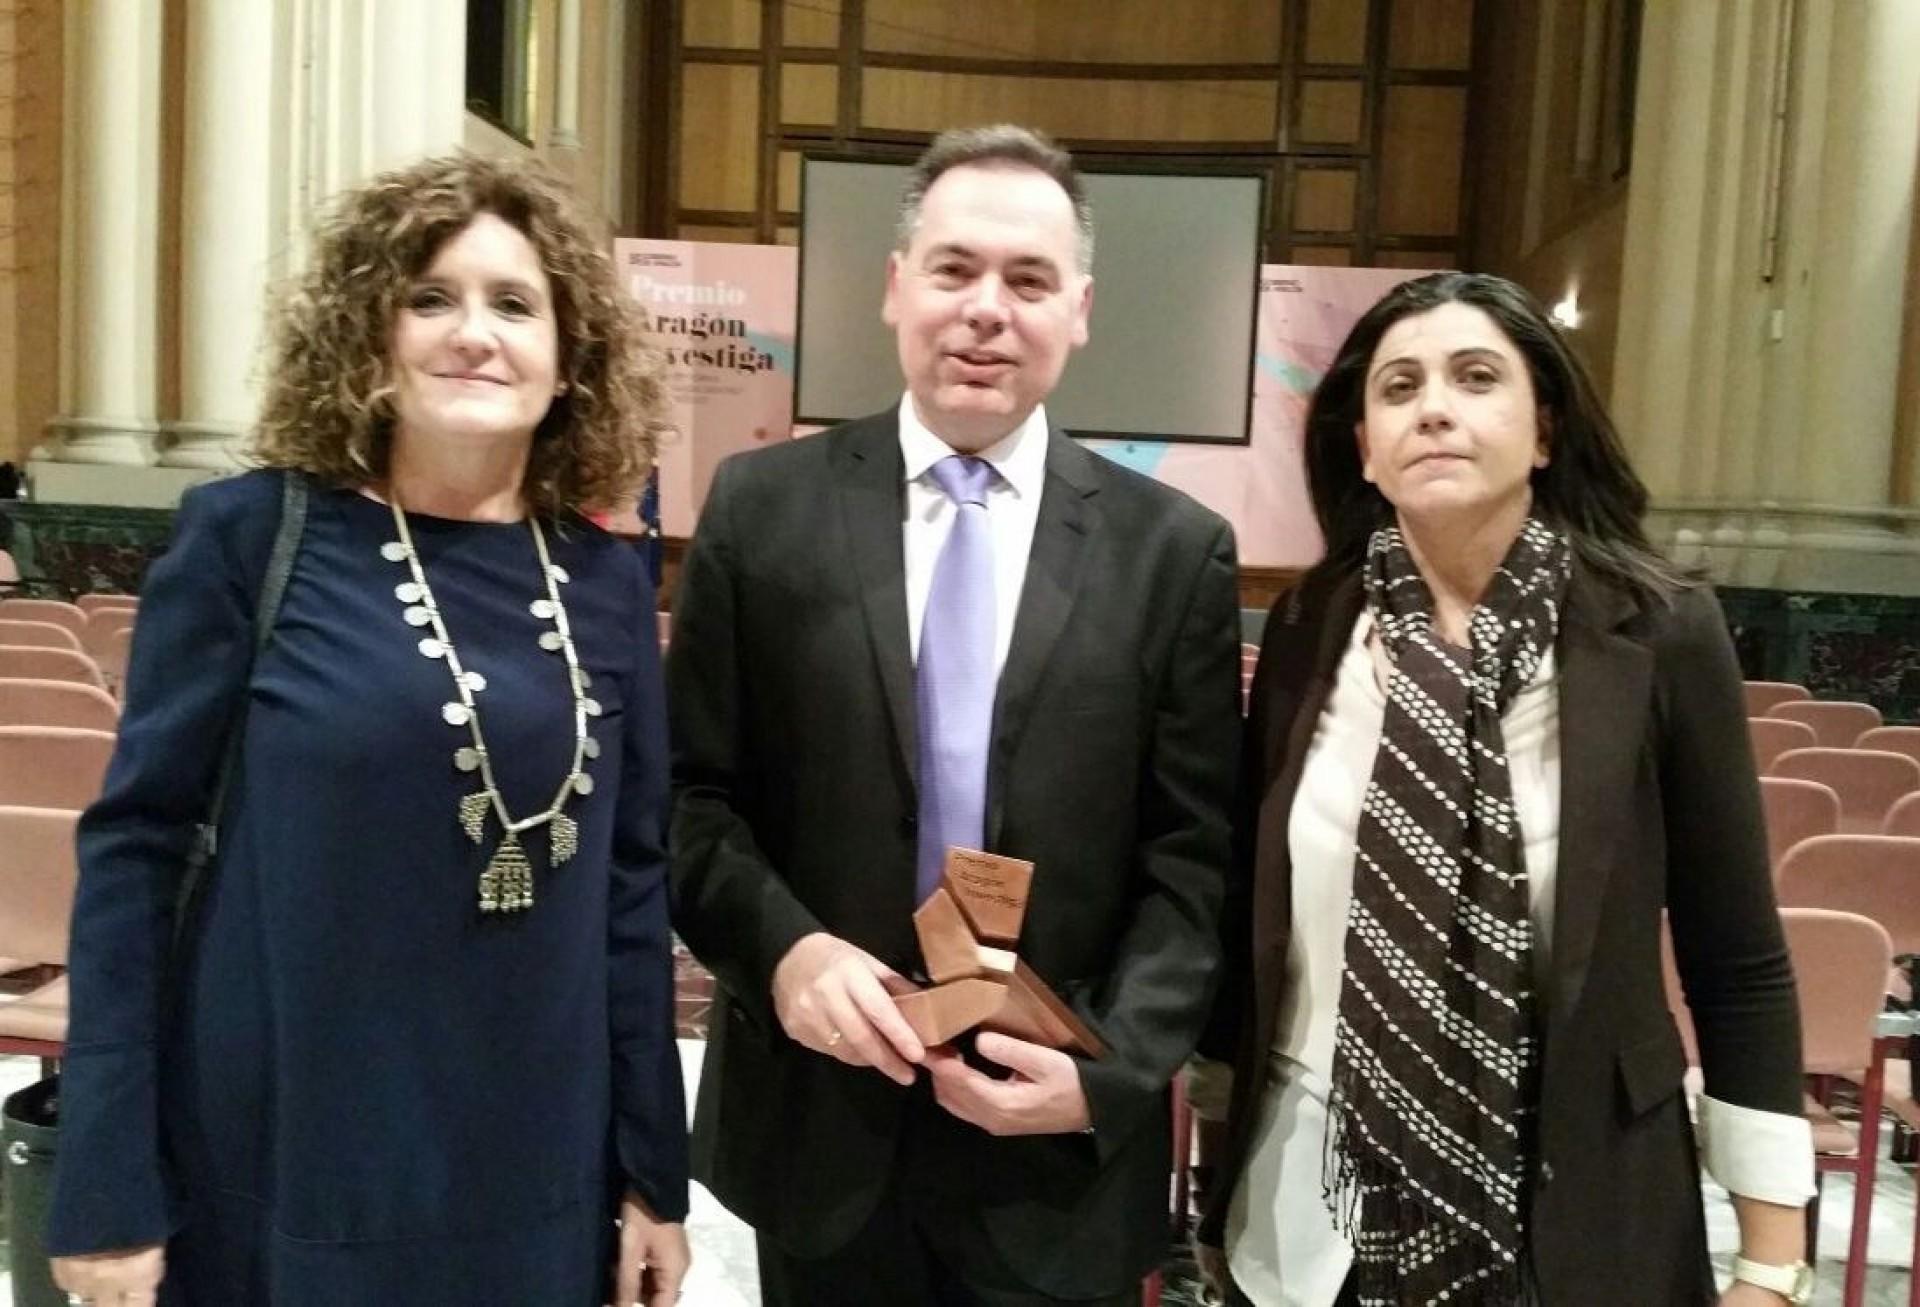 El I3A recibe el Premio Aragón Investiga coincidiendo con la celebración de su 15 aniversario